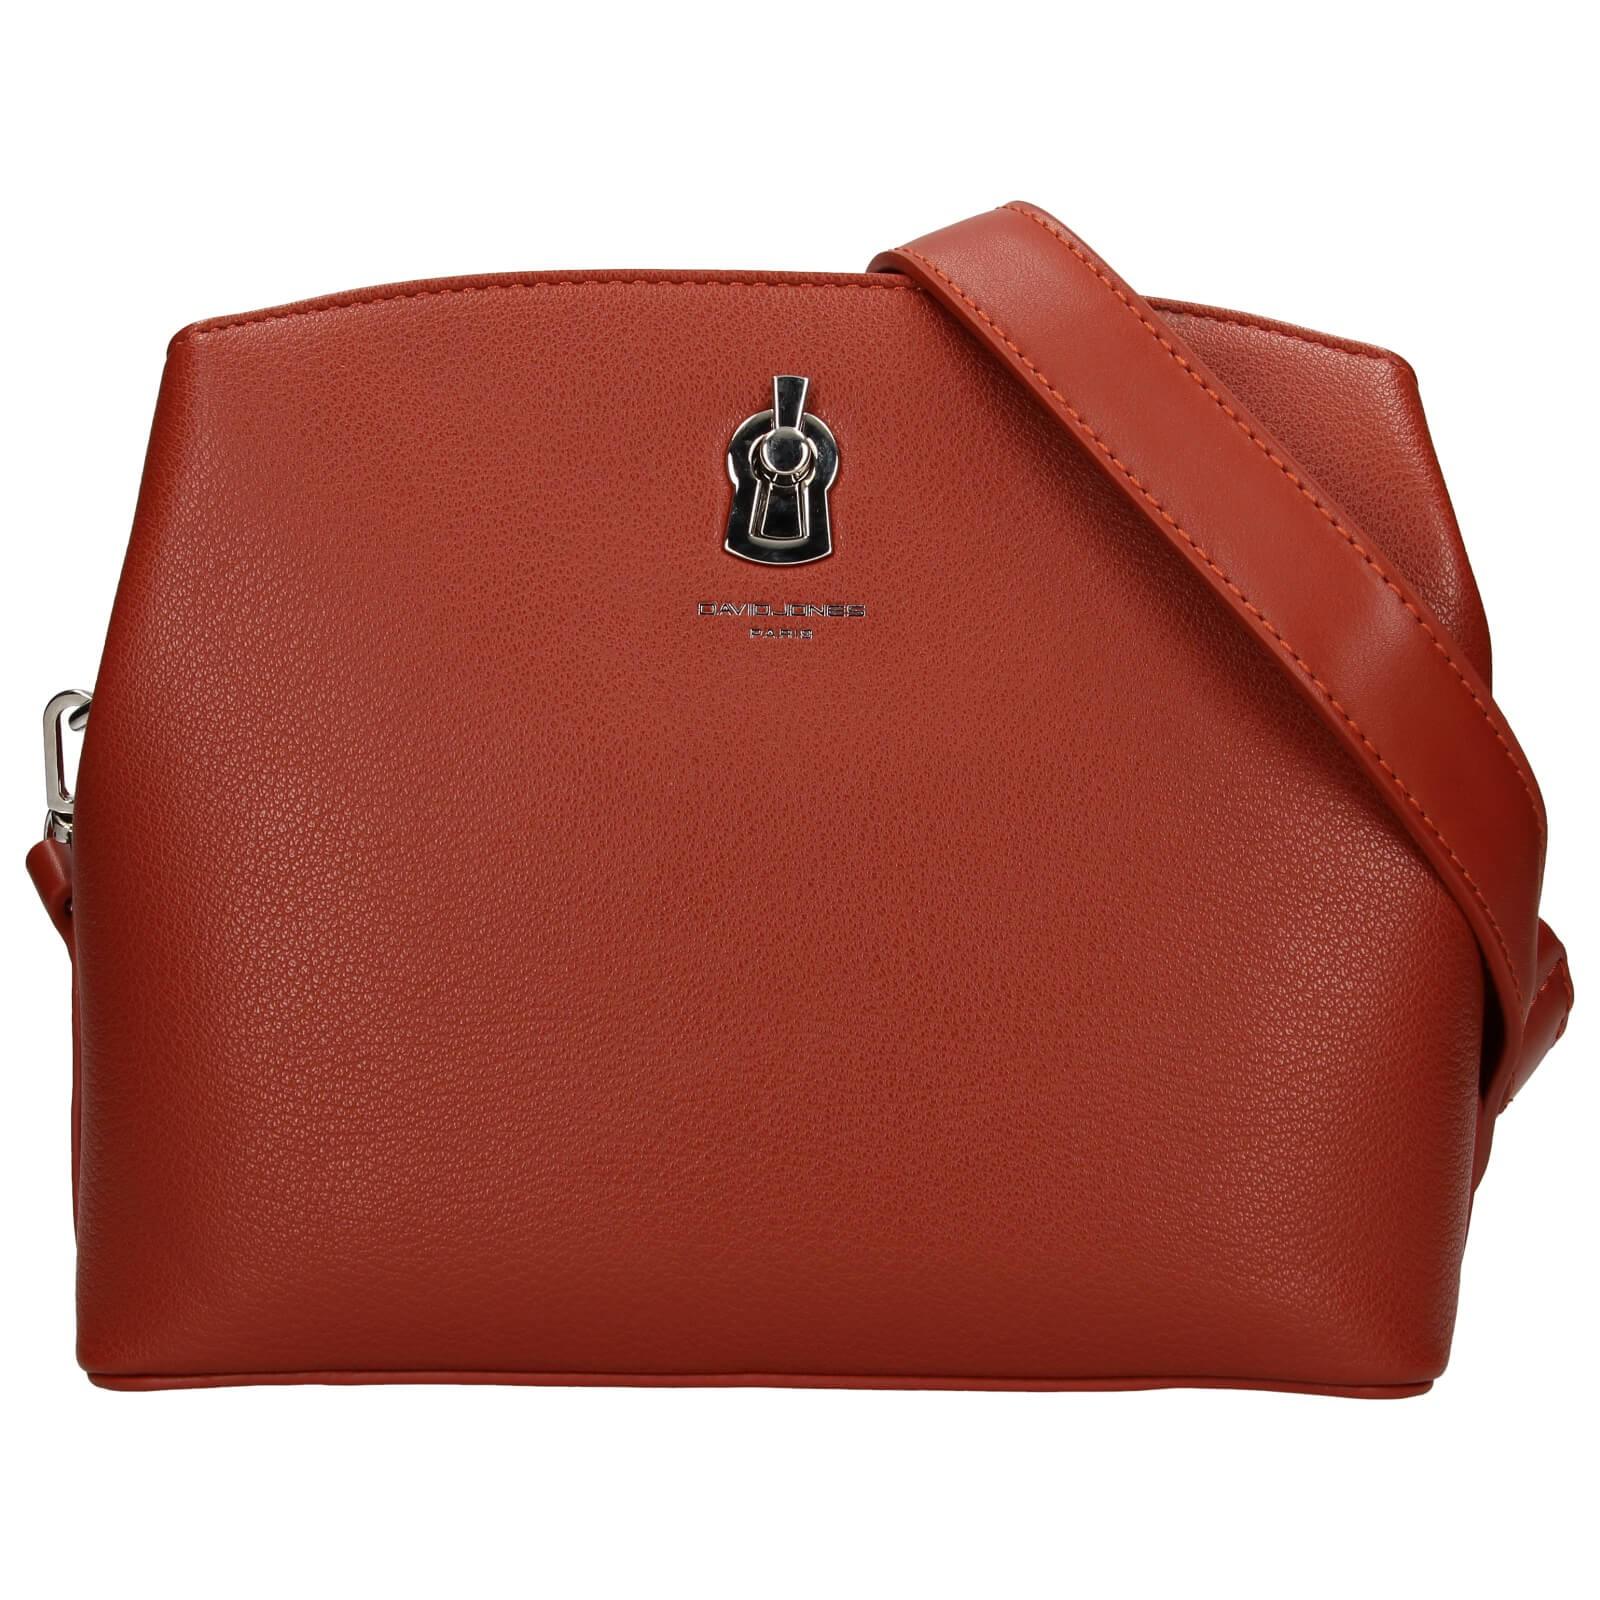 Dámska crossbody kabelka David Jones Karmen - červeno-hnedá